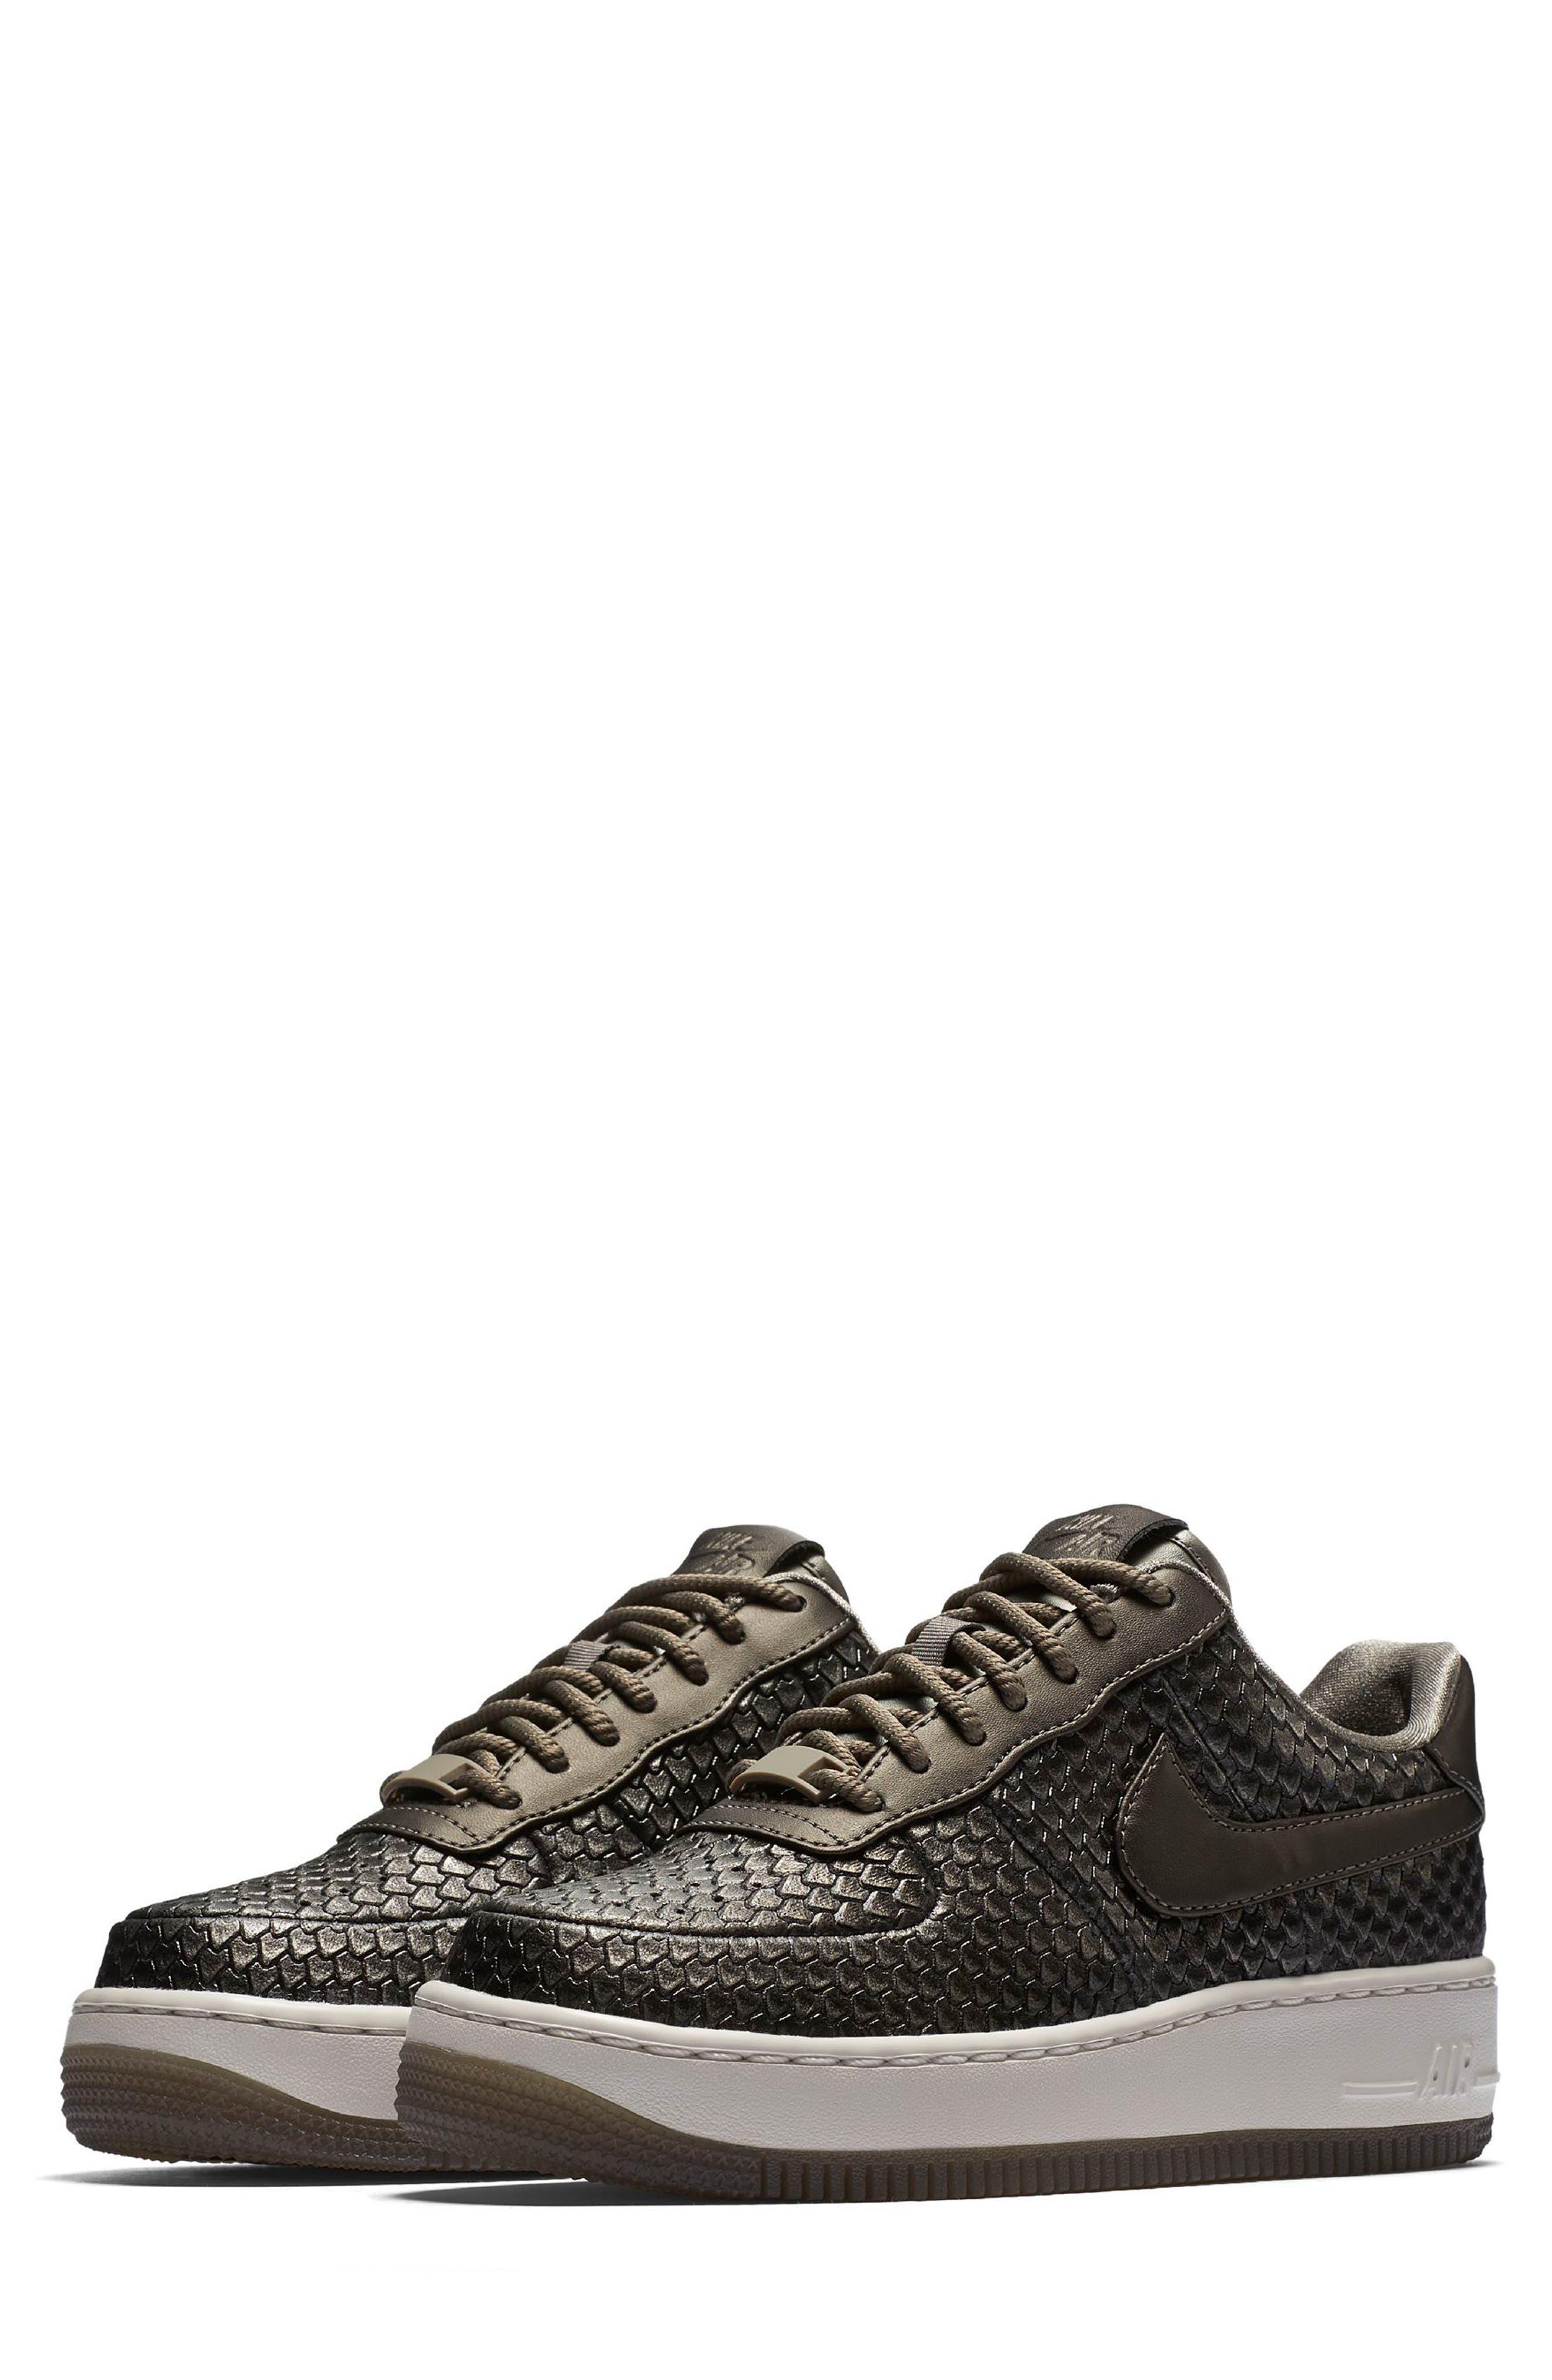 Air Force 1 Upstep Premium Platform Sneaker,                         Main,                         color, 022